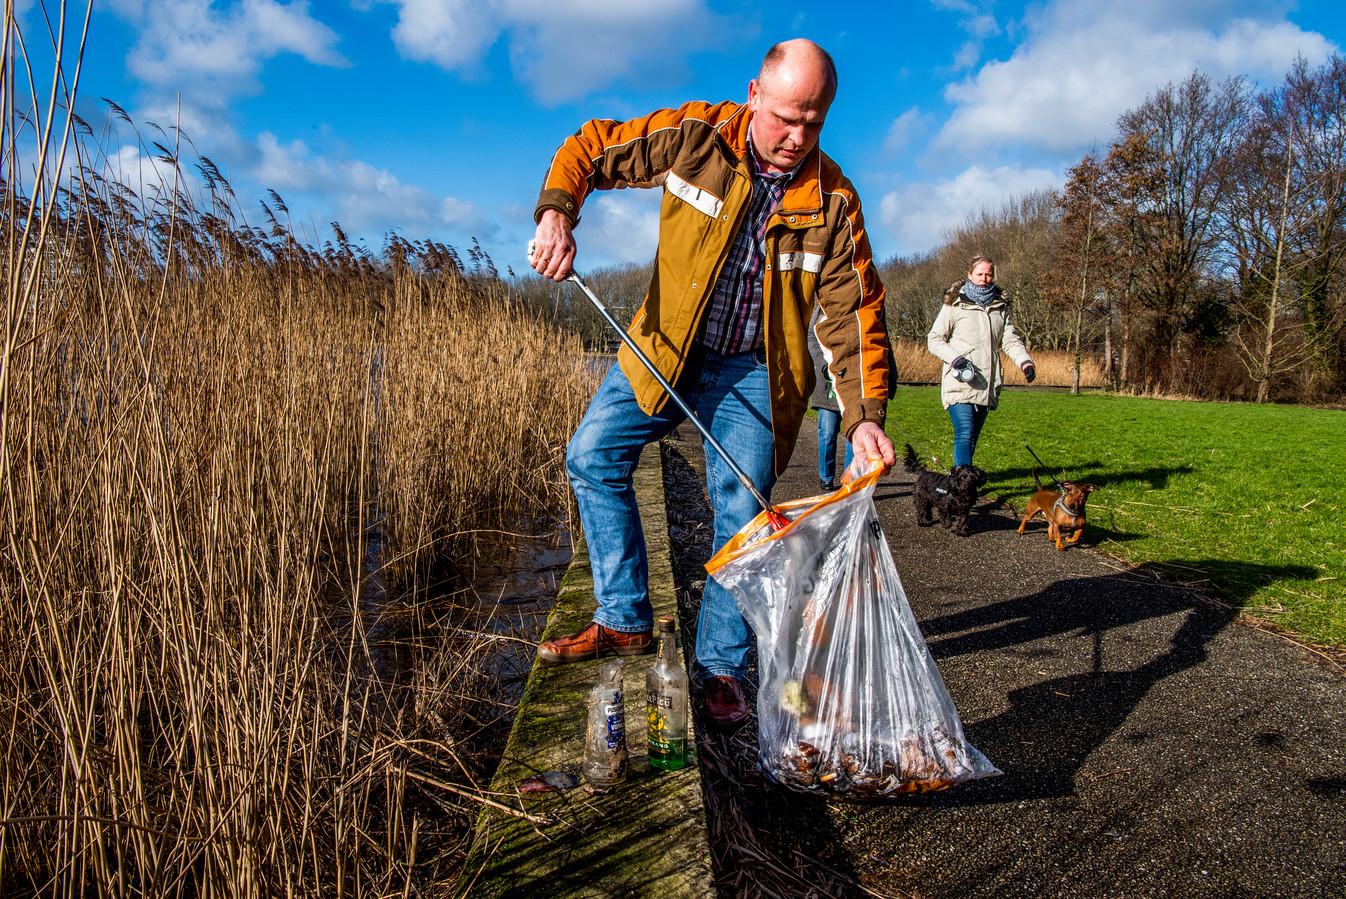 Alphenaar Joost van Berckel van de stichting Natuurzaam.